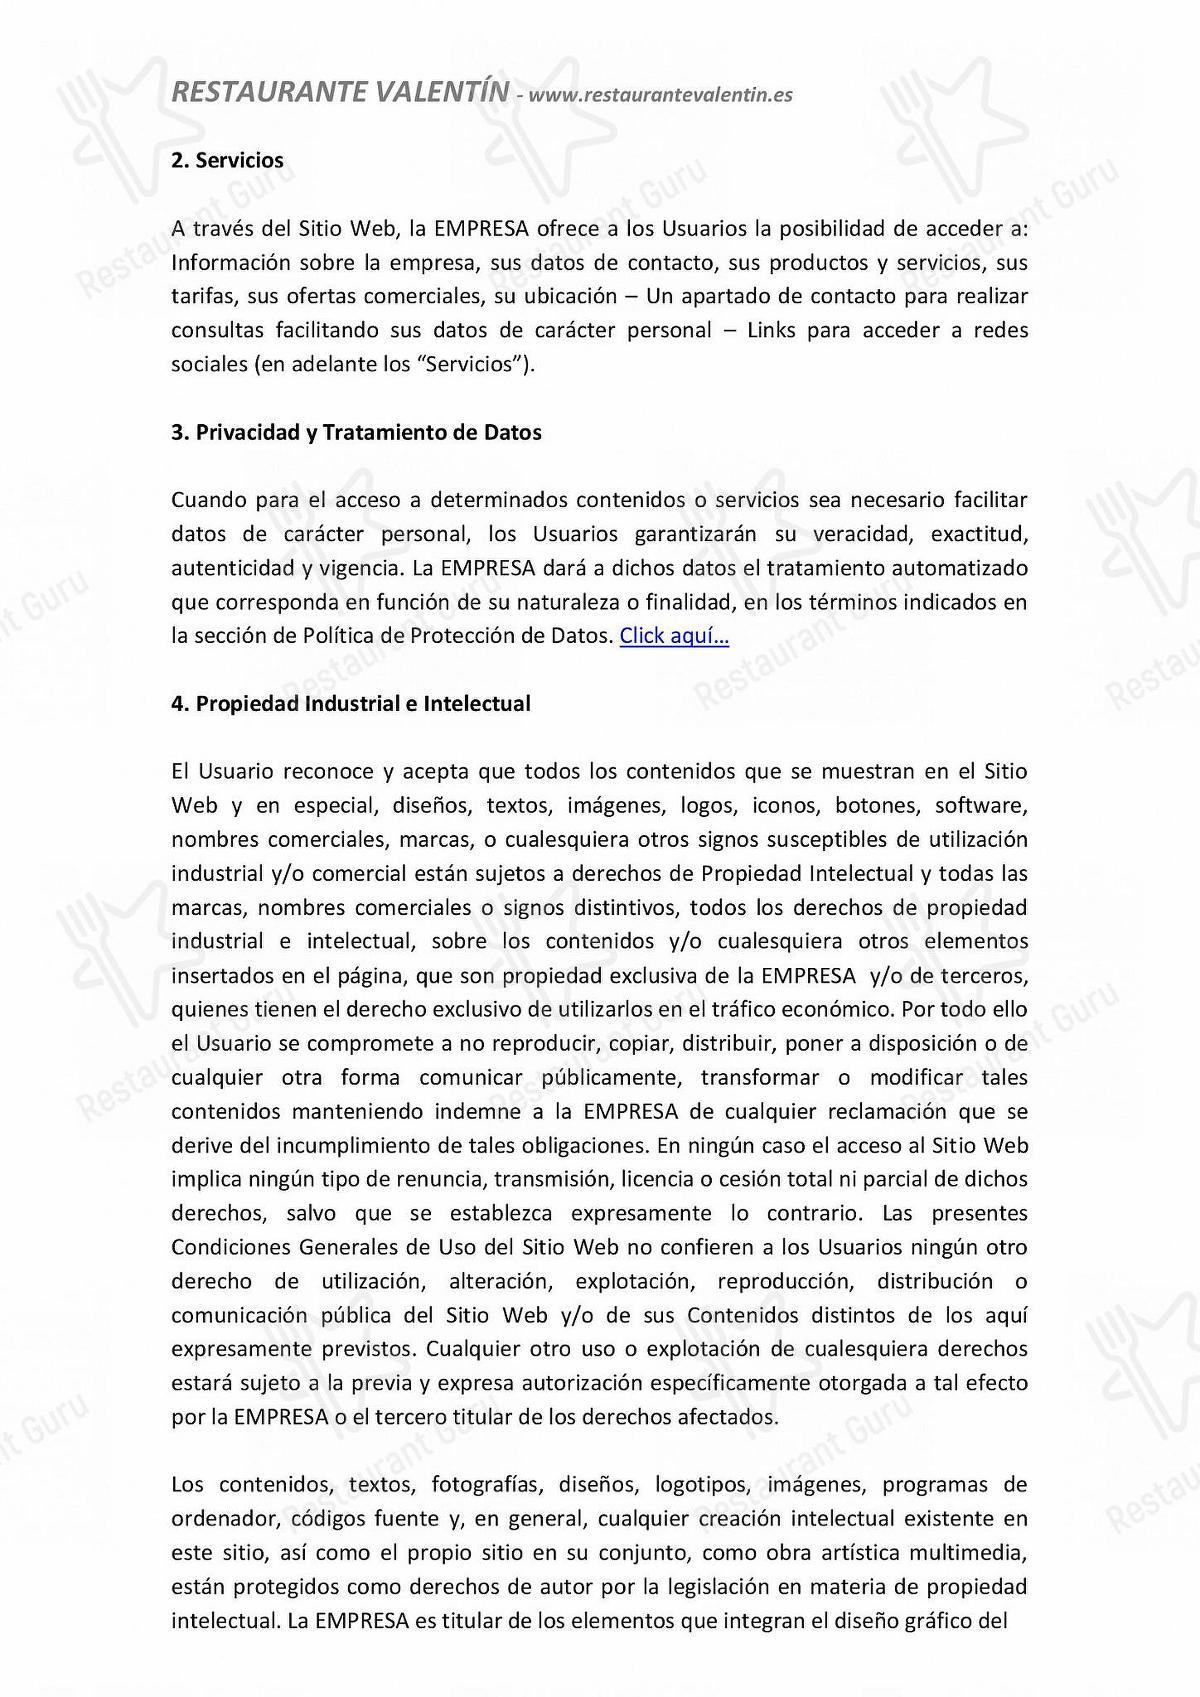 Carta de Restaurante Valentín - comidas y bebidas